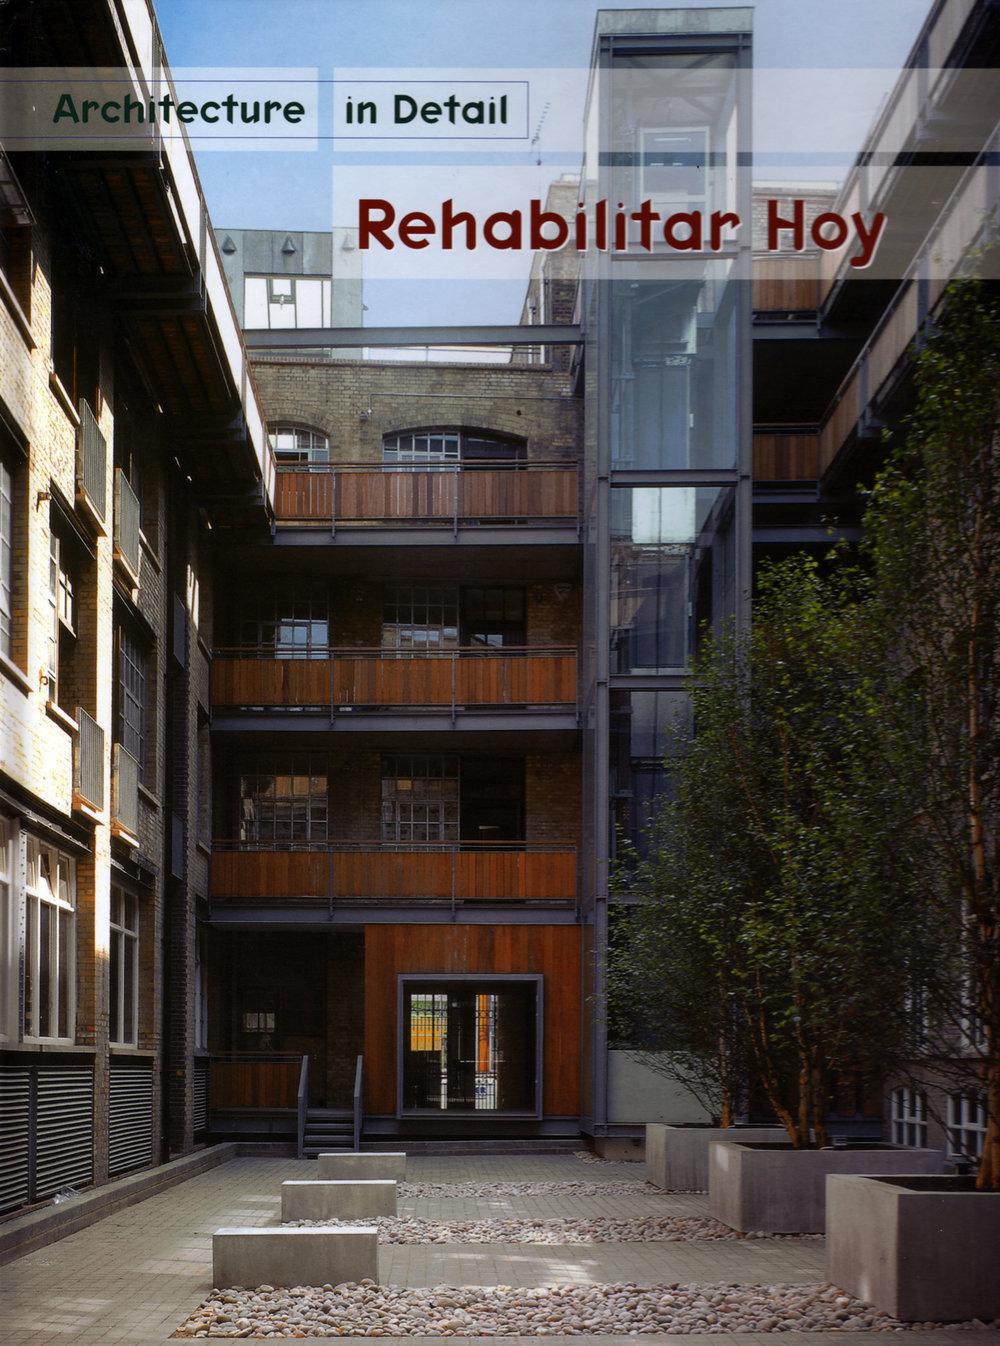 rehabilitar hoy001.jpg